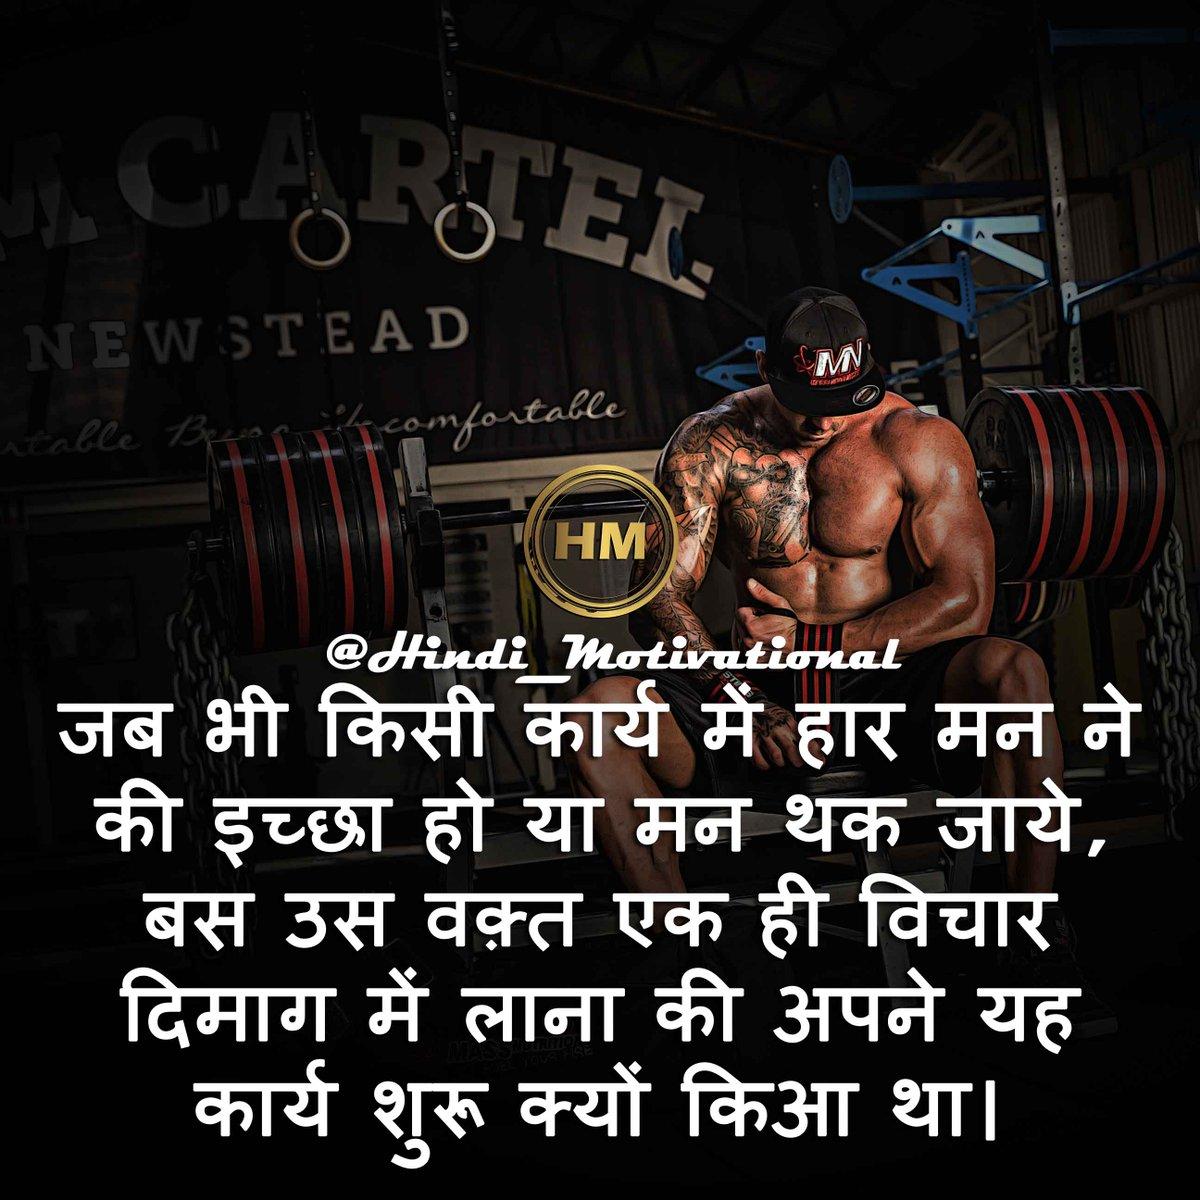 Hindi Motivational Hindi Motivate Twitter